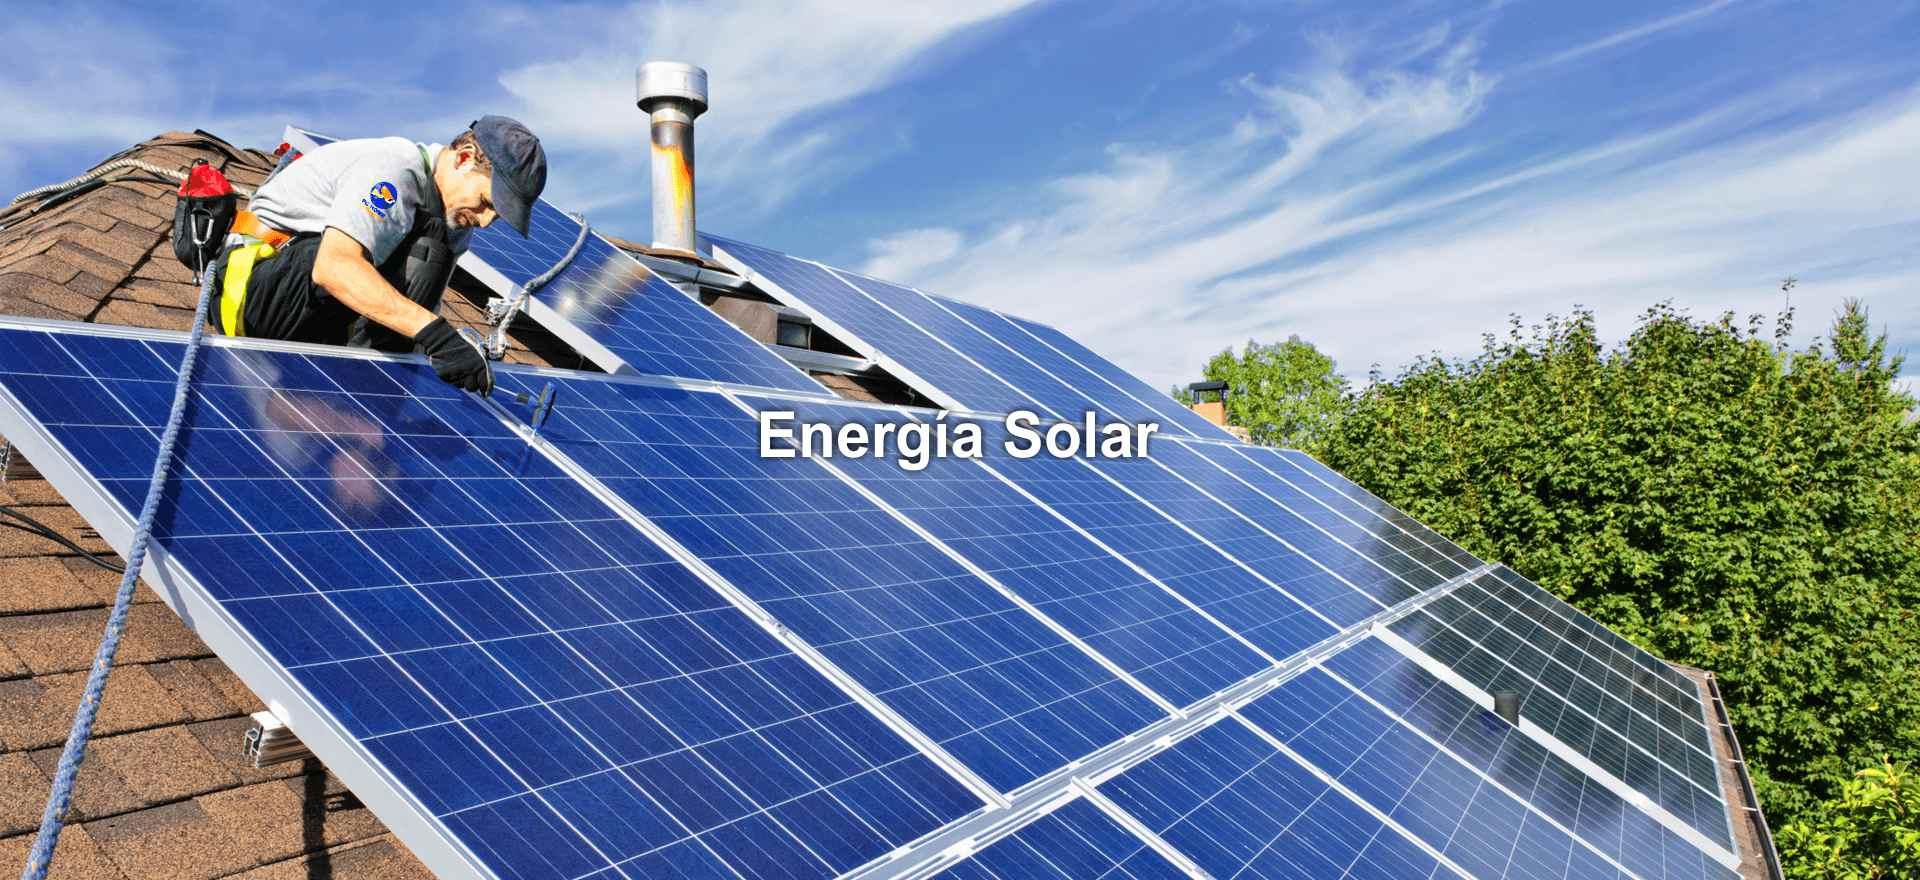 Energía Solar en Lázaro Cárdenas, Michoacán e Ixtapa Zihuatanejo, Guerrero